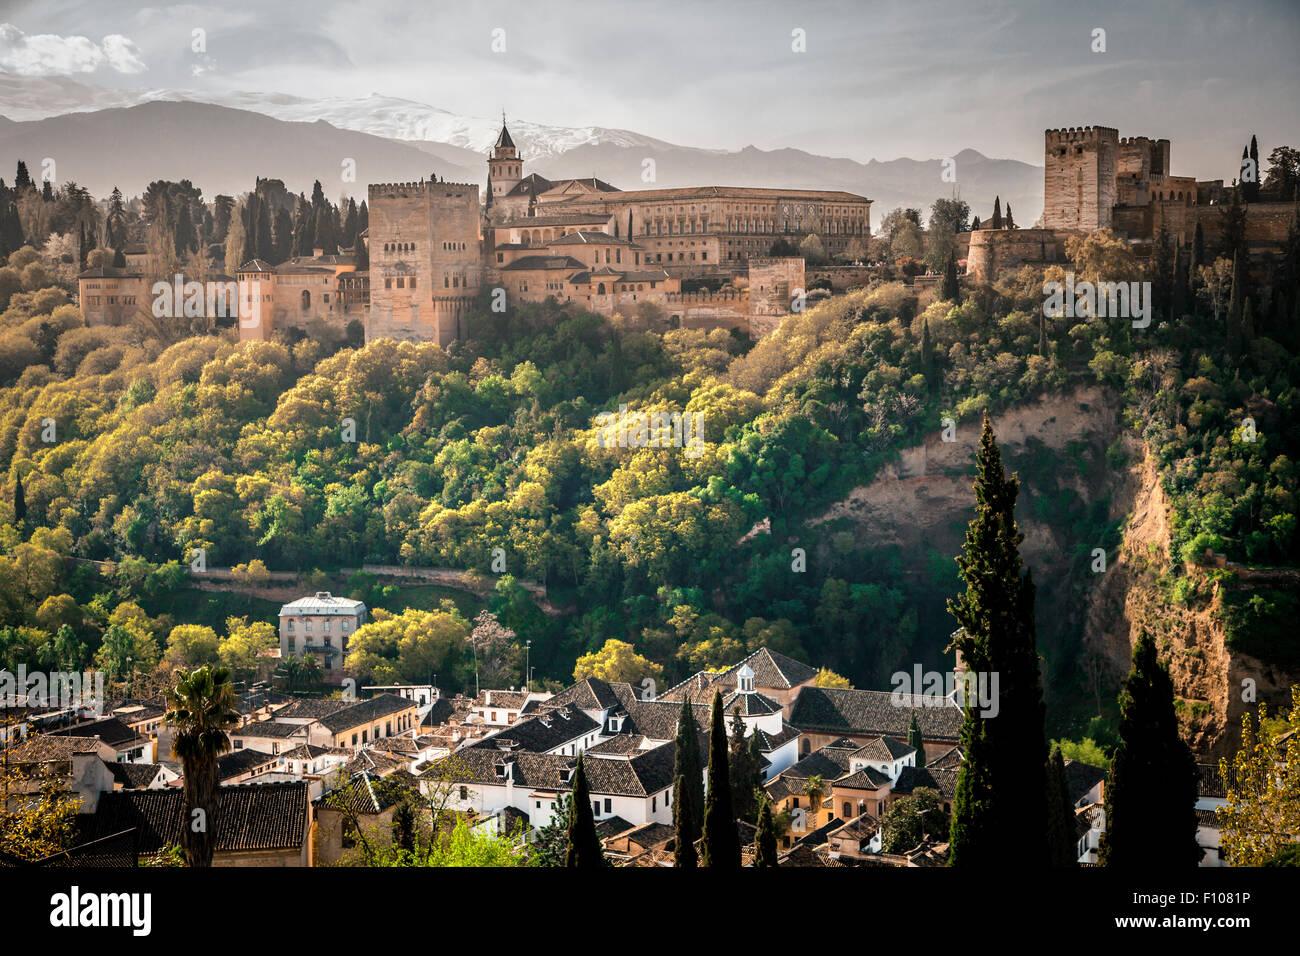 Vista de la Alhambra desde el barrio del Albaicín, el mirador de San Nicolás, Granada, Andalucía, Imagen De Stock